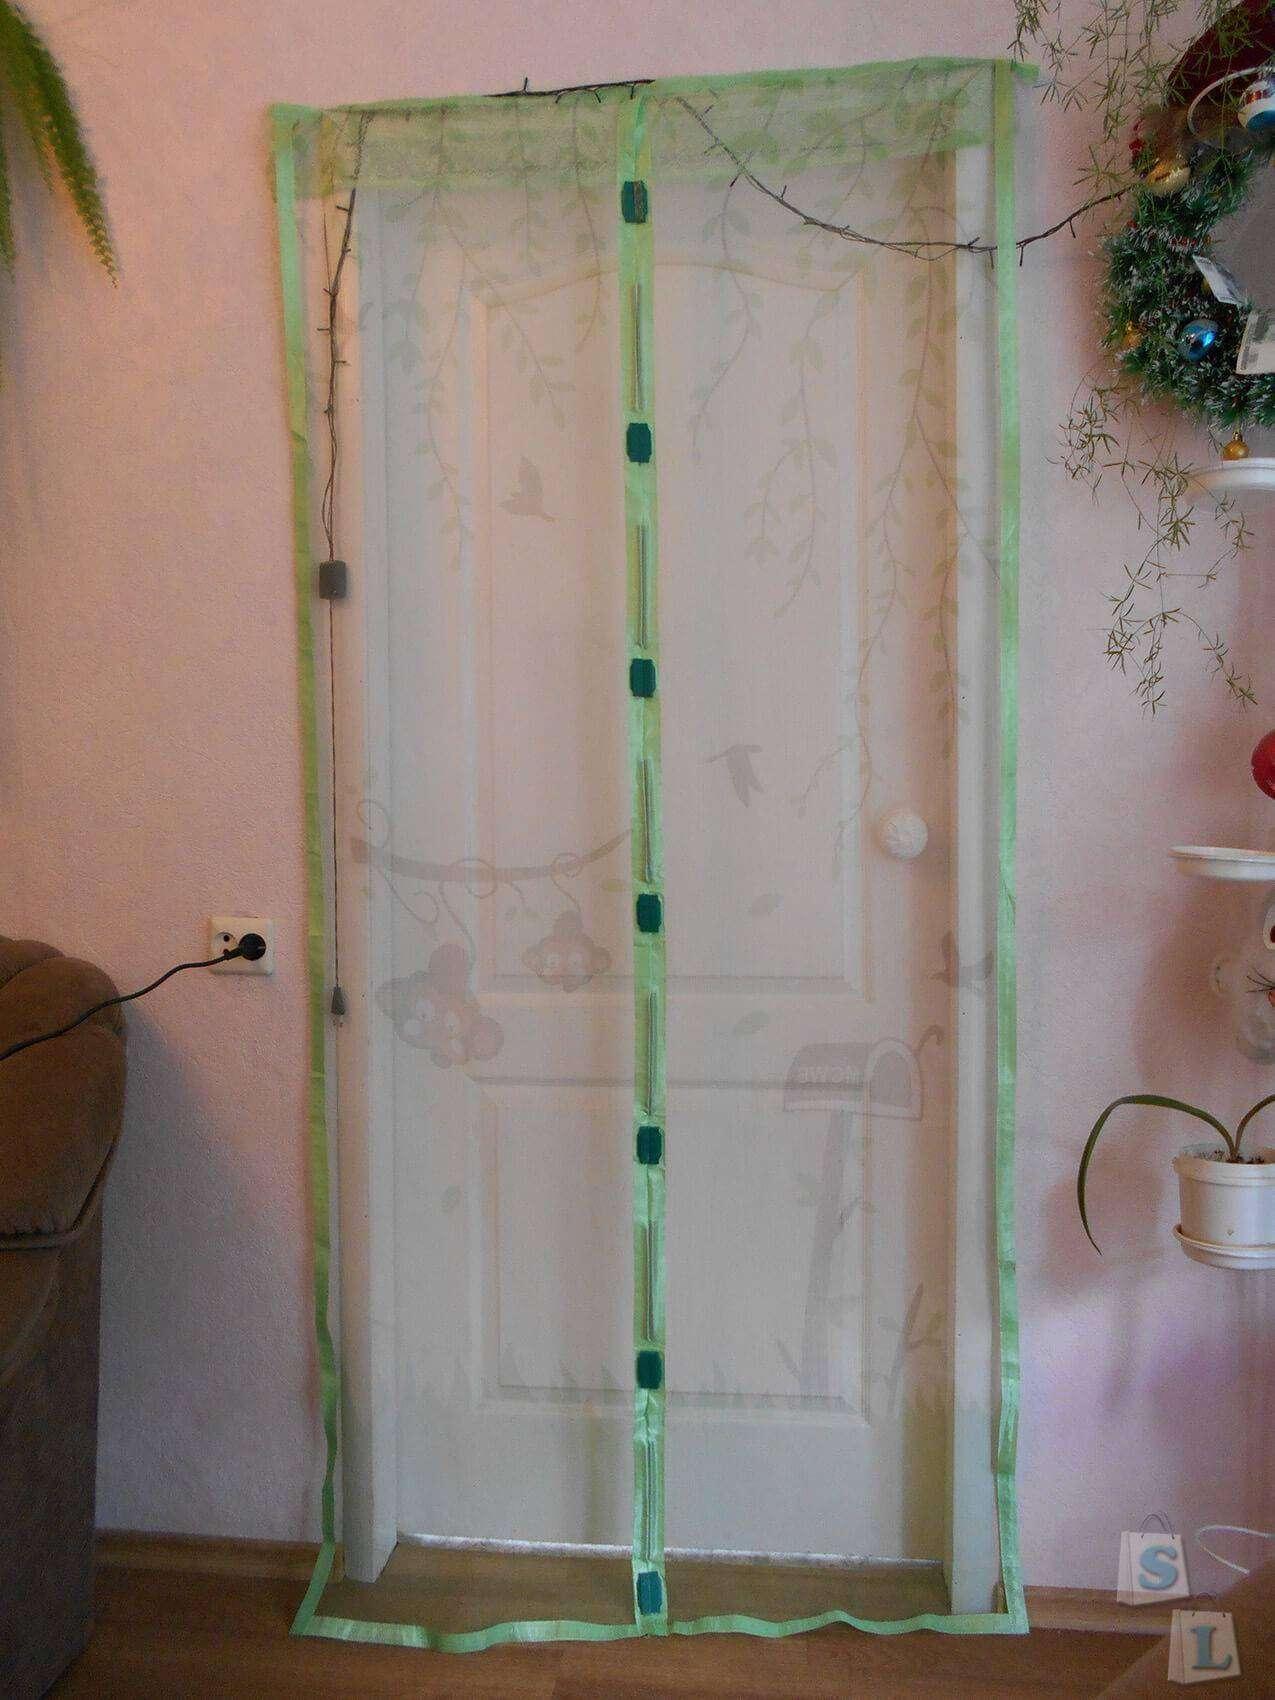 Aliexpress: Москитная сетка на дверь. Не пустим комаров в дом!